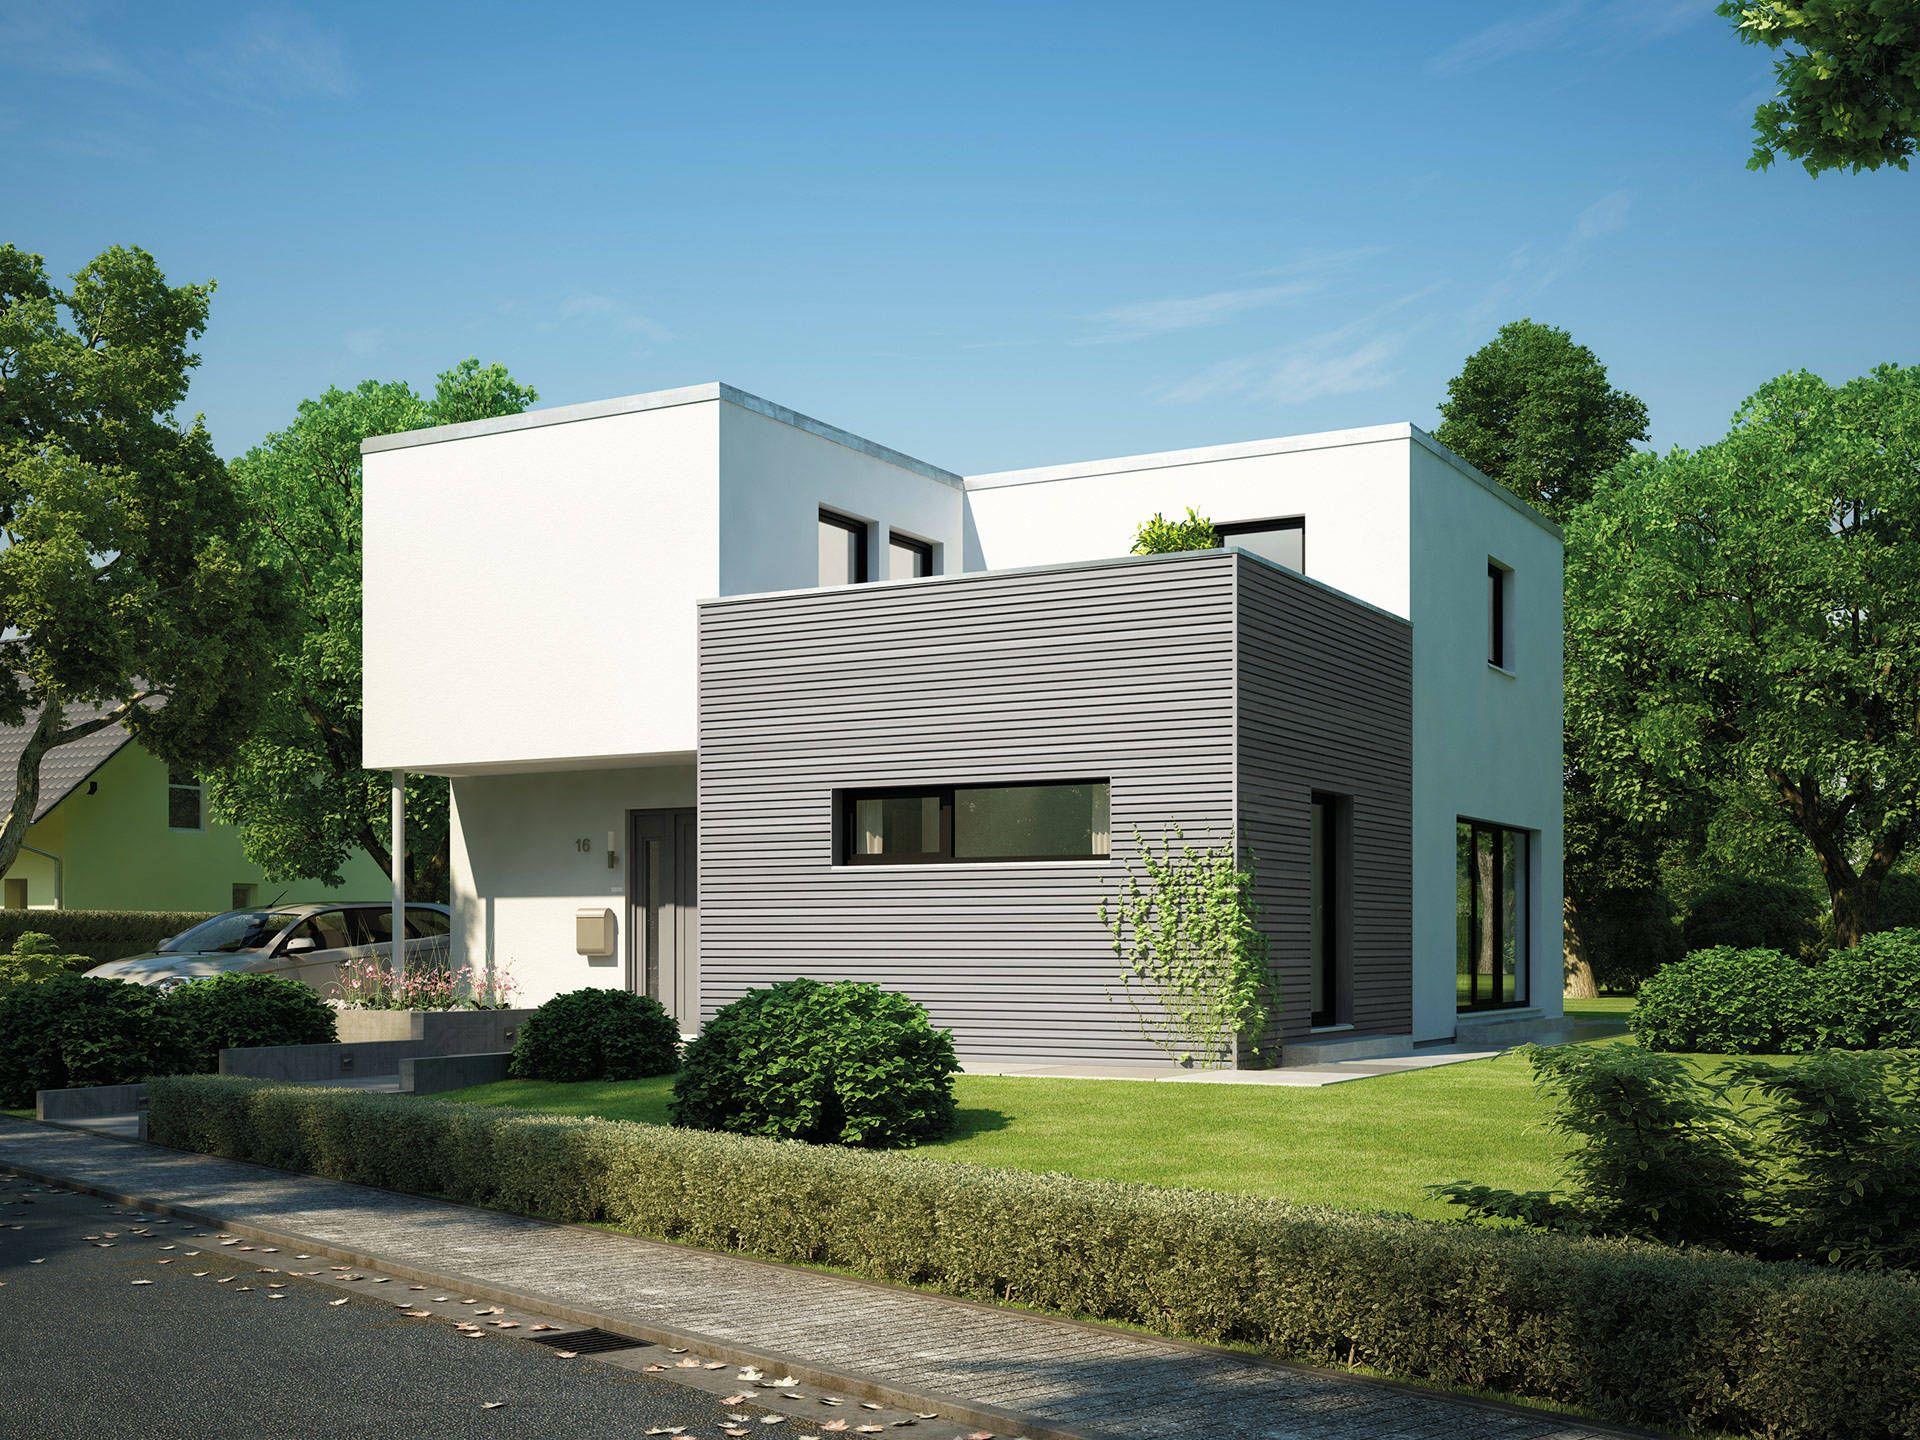 Cubus 162 • Bauhaus, Cubus von HANSE HAUS • Fertighaus mit ...